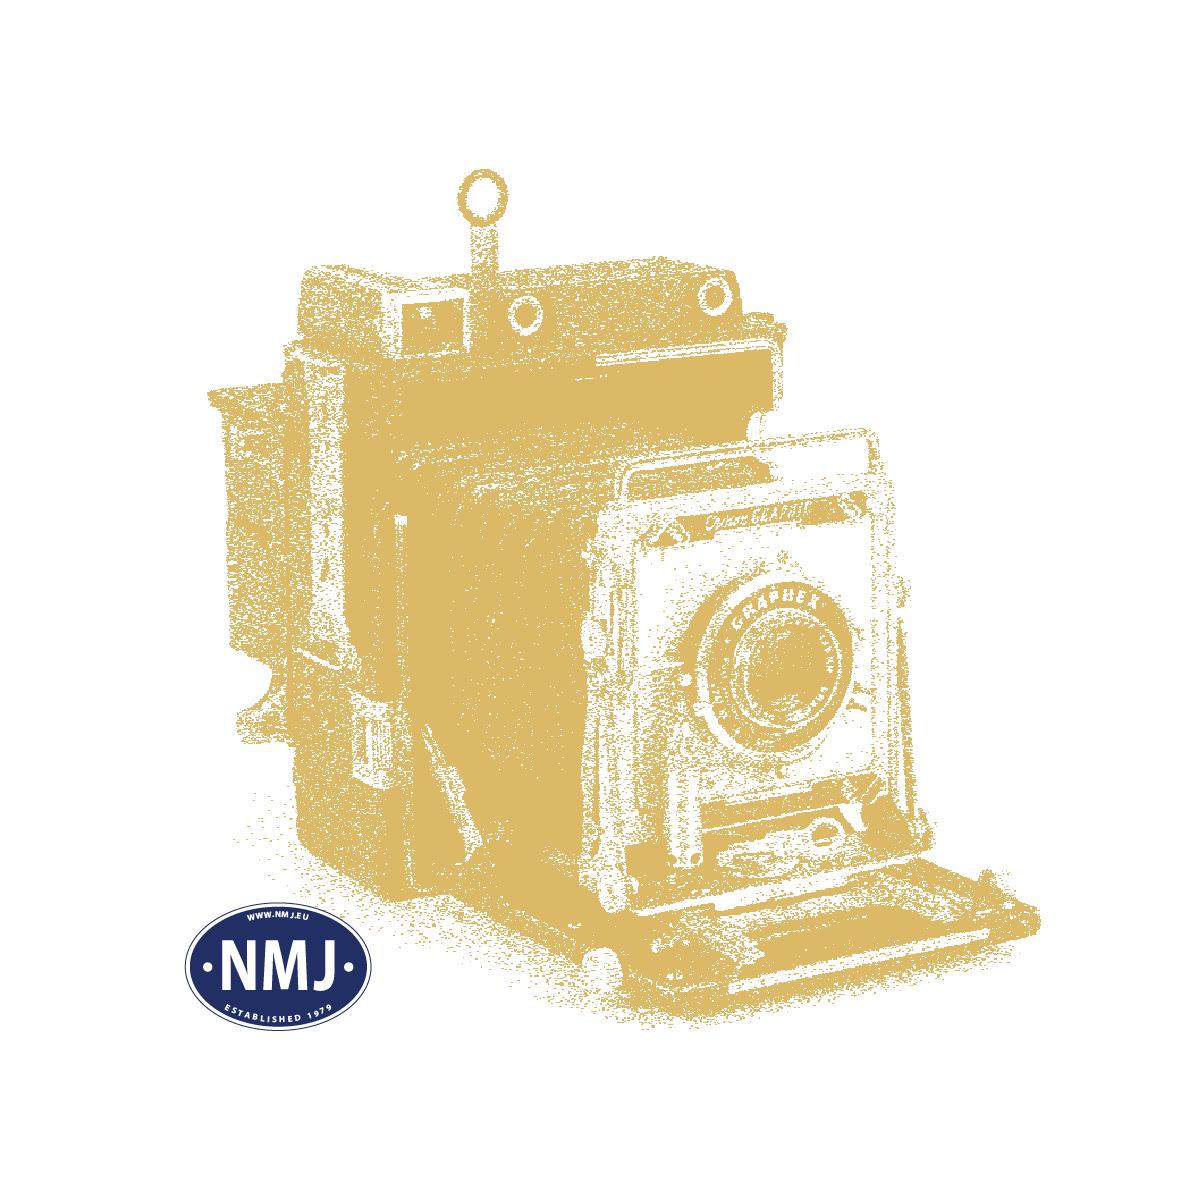 NMJ0TL4-1 - NMJ Superline NSB Tl4 60289, 0-Scala